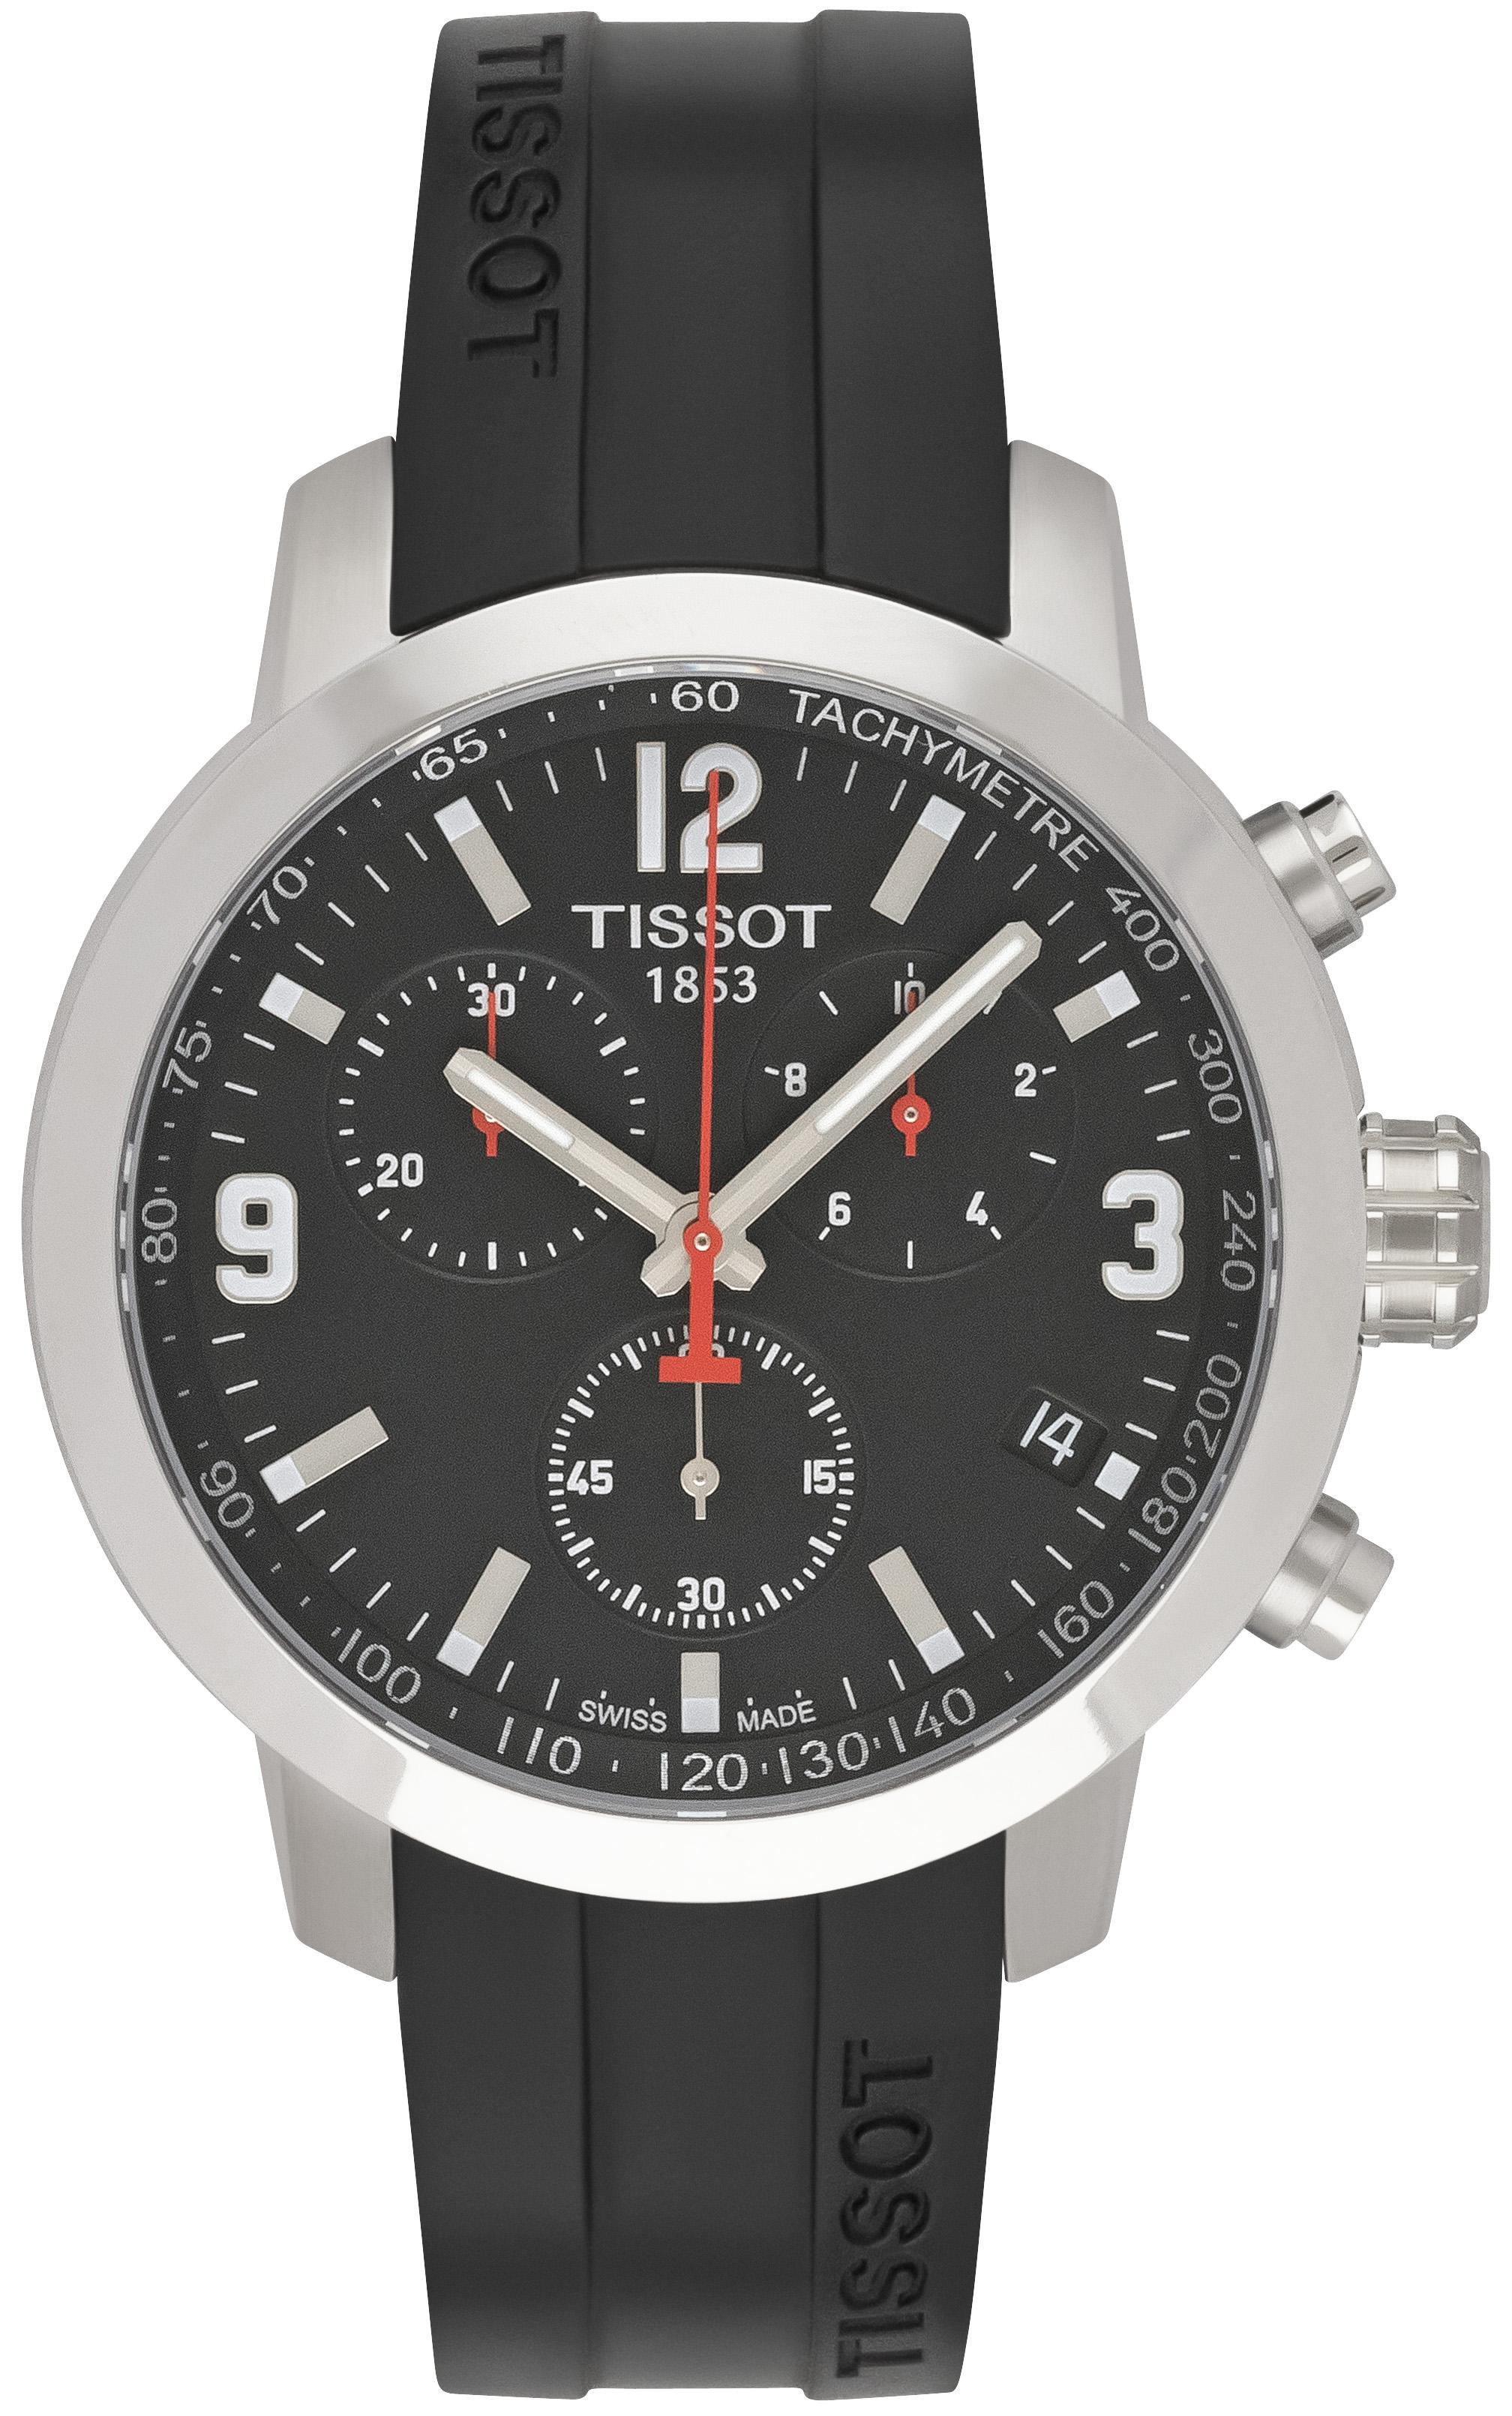 Tissot T-Sport PRC 200 Herrklocka T055.417.17.057.00 Svart/Gummi Ø41